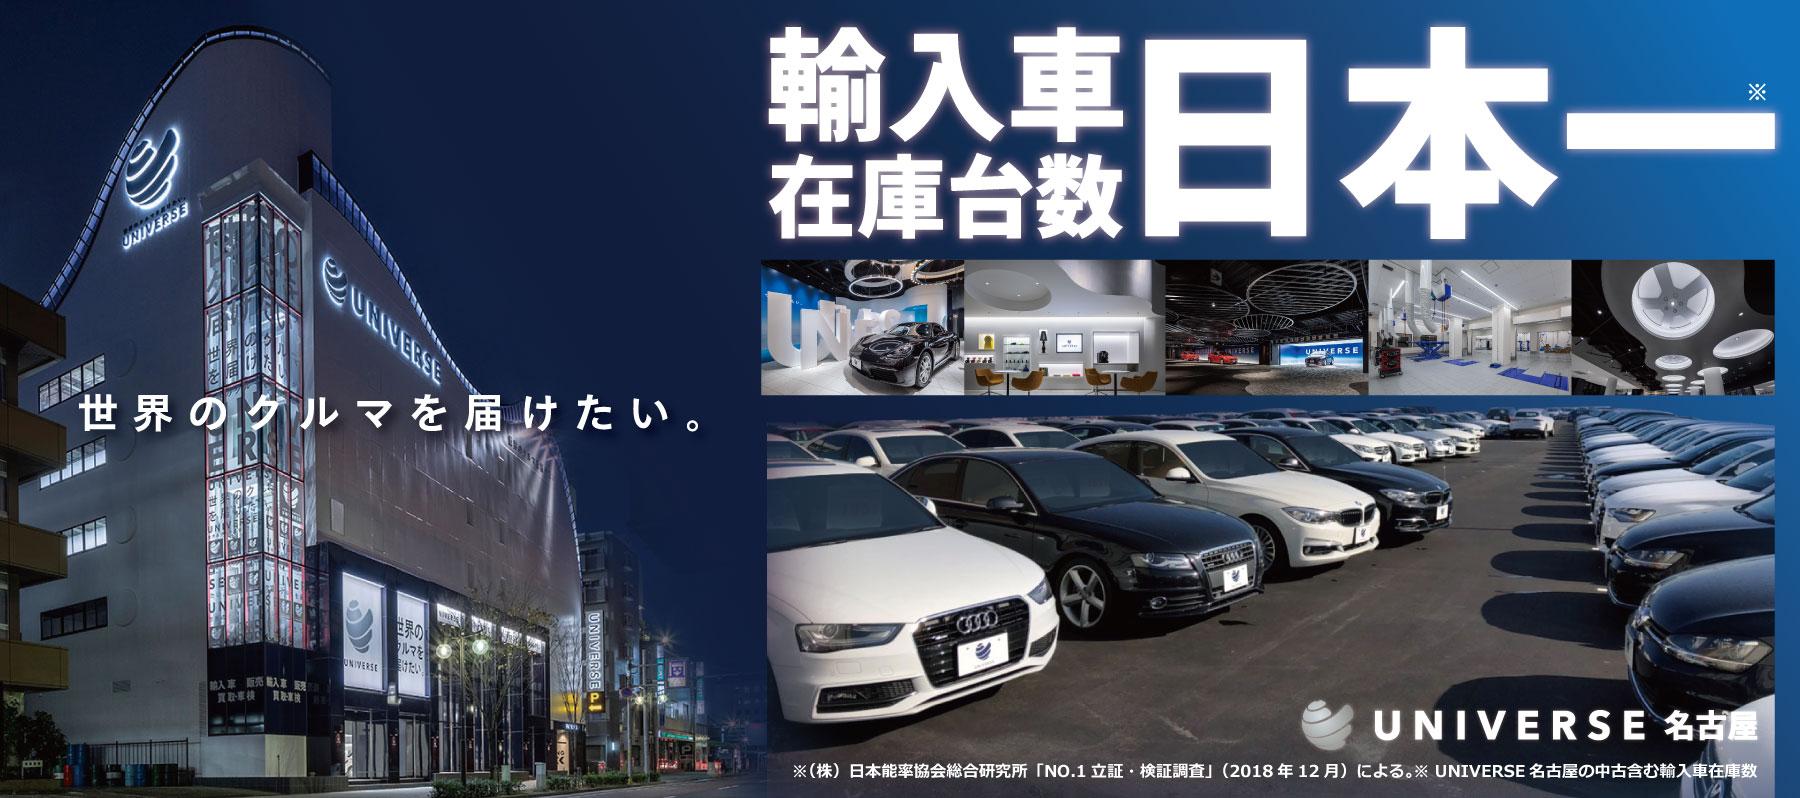 輸入車在庫台数日本一_ユニバース名古屋